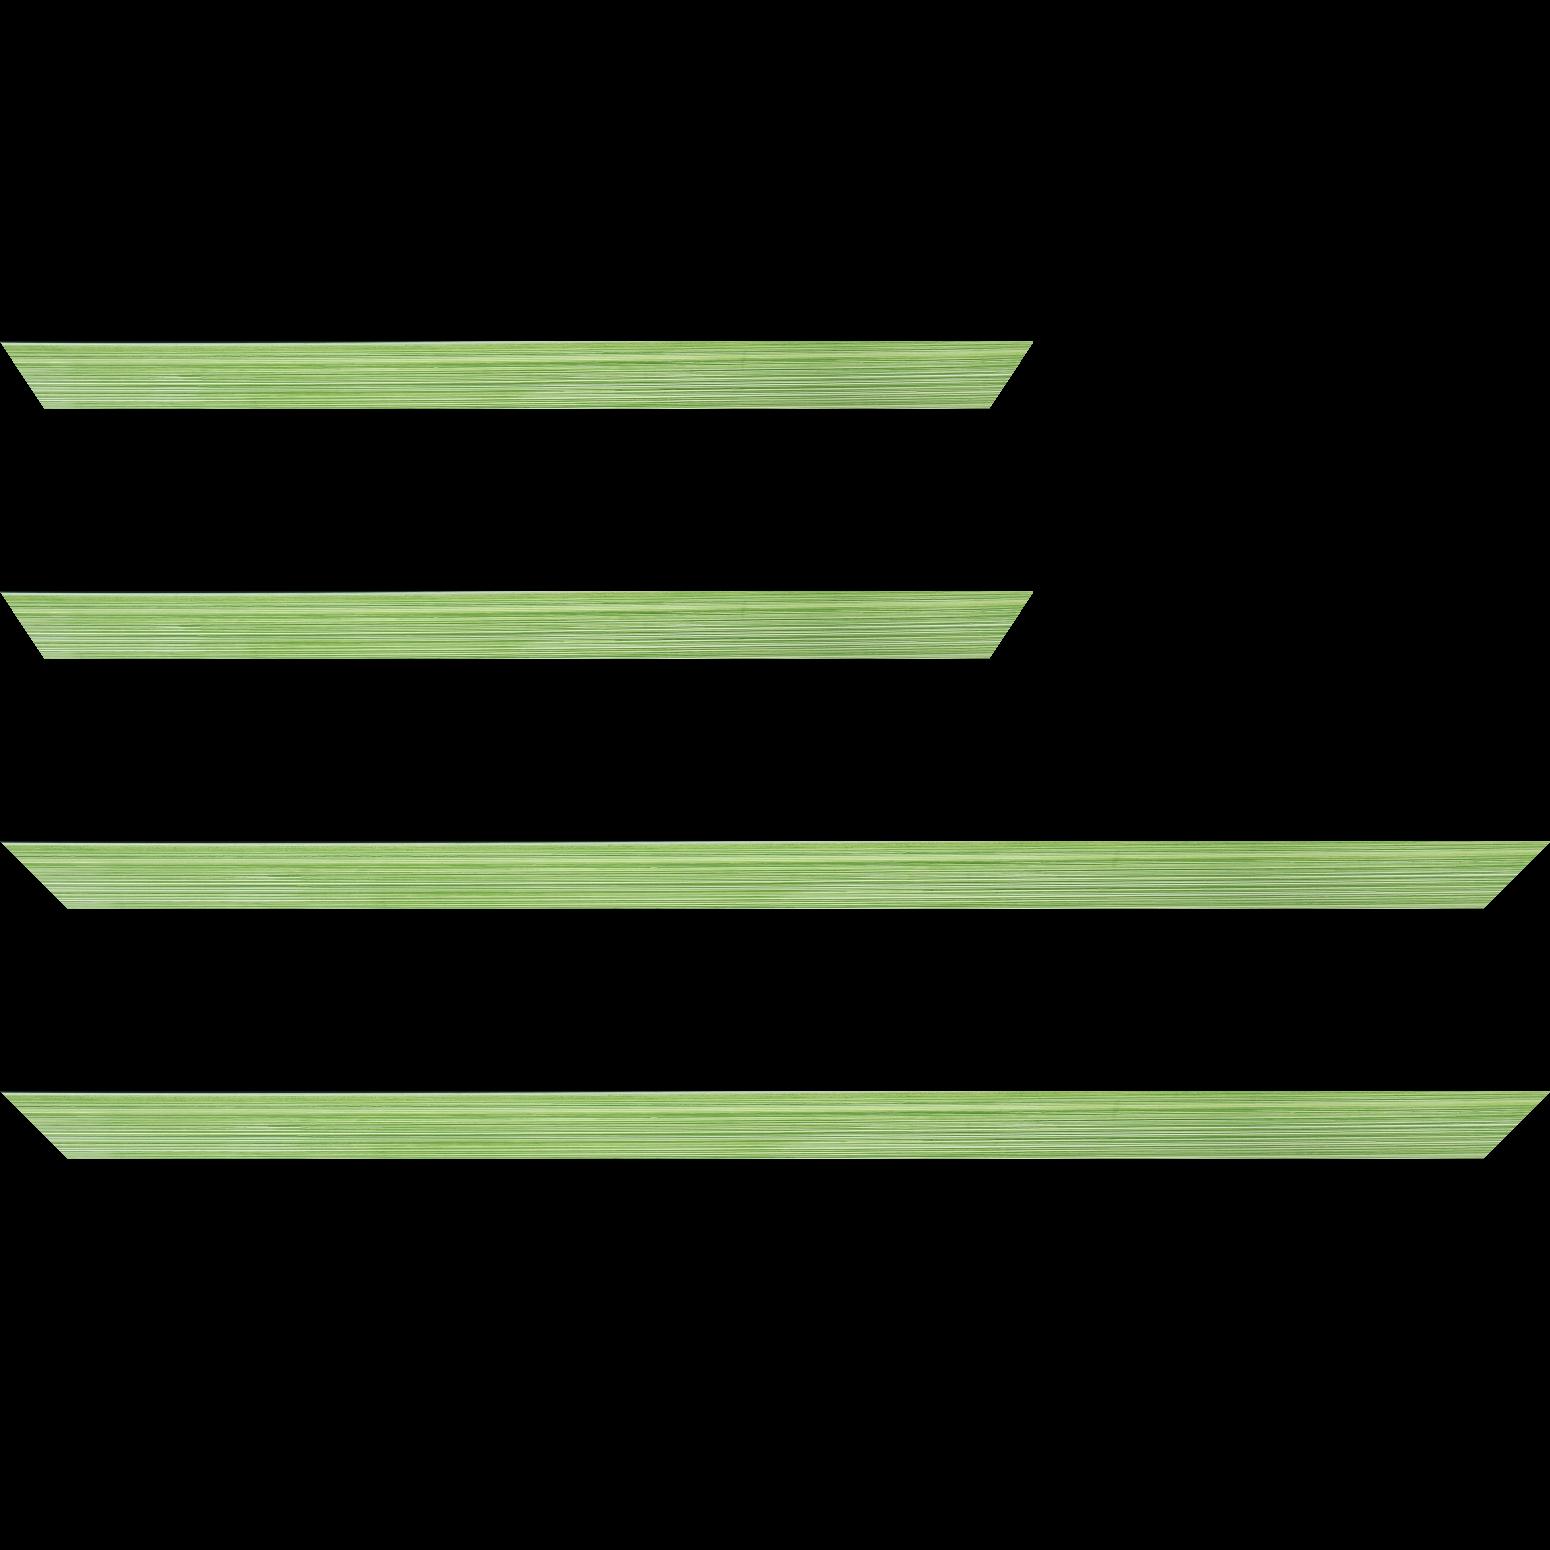 Baguette service précoupé Bois profil concave largeur 2.4cm couleur vert clair effet matière fond blanc